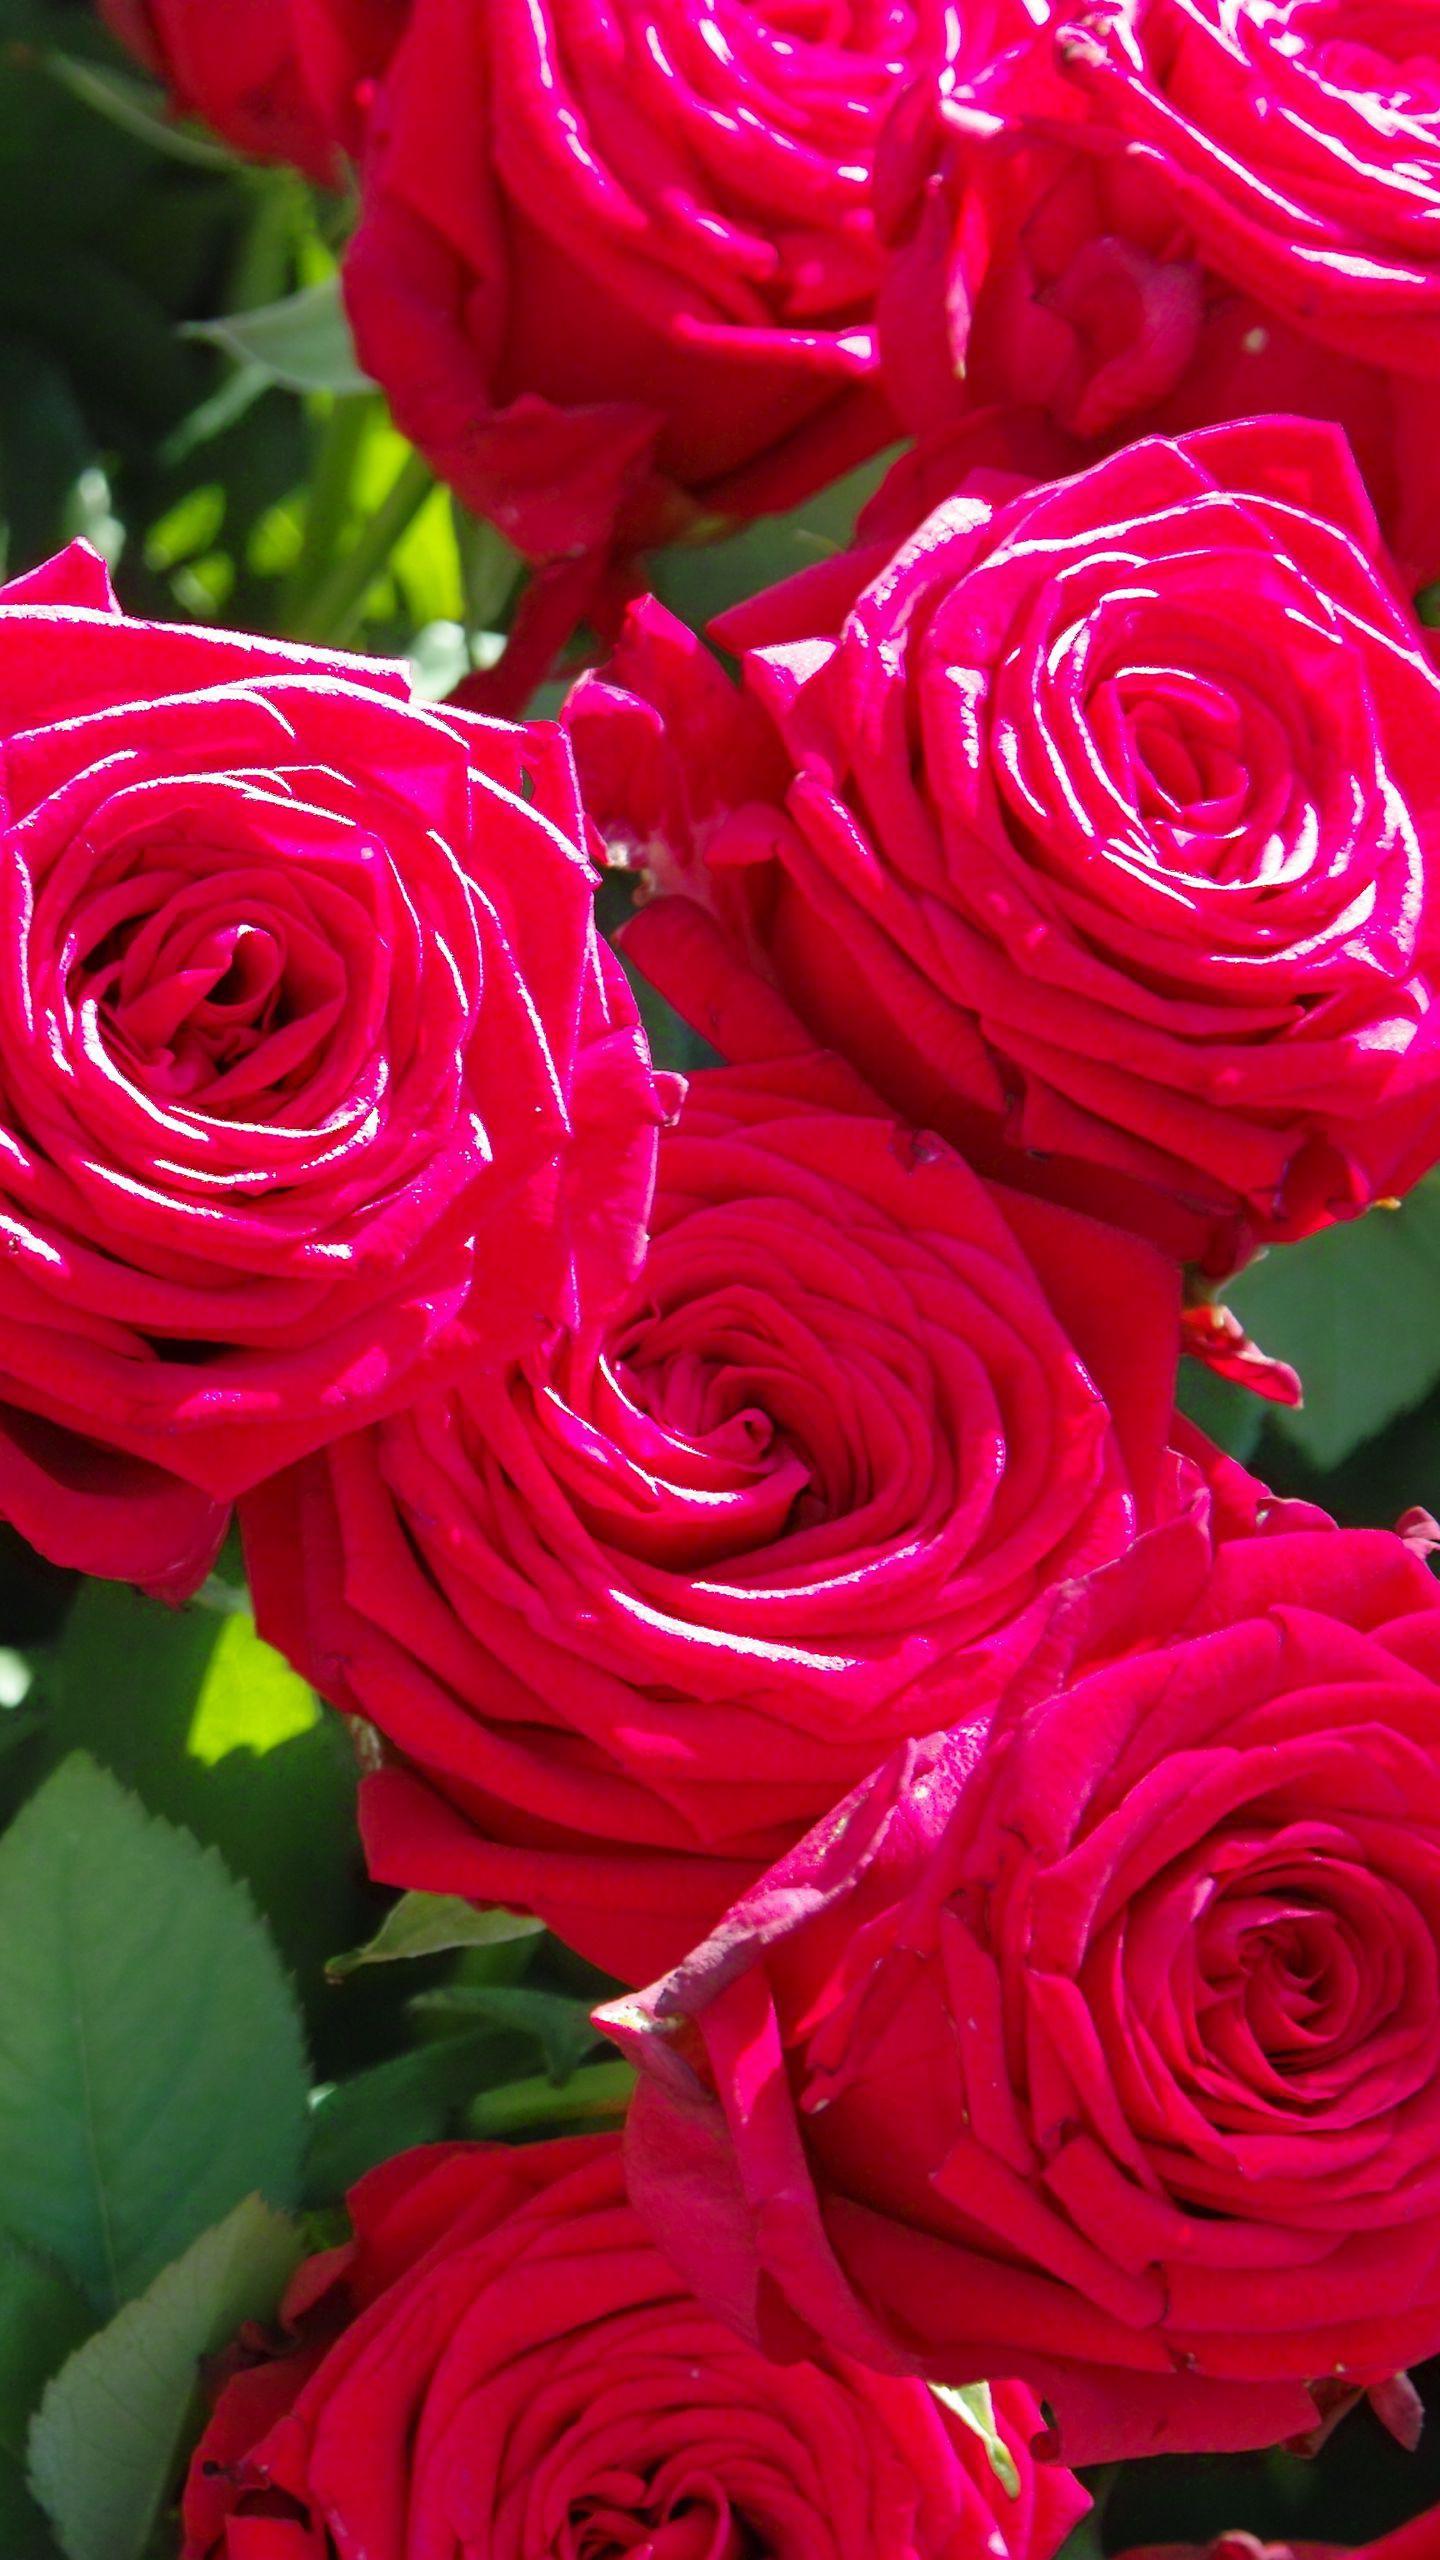 Обои на телефон роза, цветы, бутоны, лепестки, ветки ...  Обои на Телефон Цветы